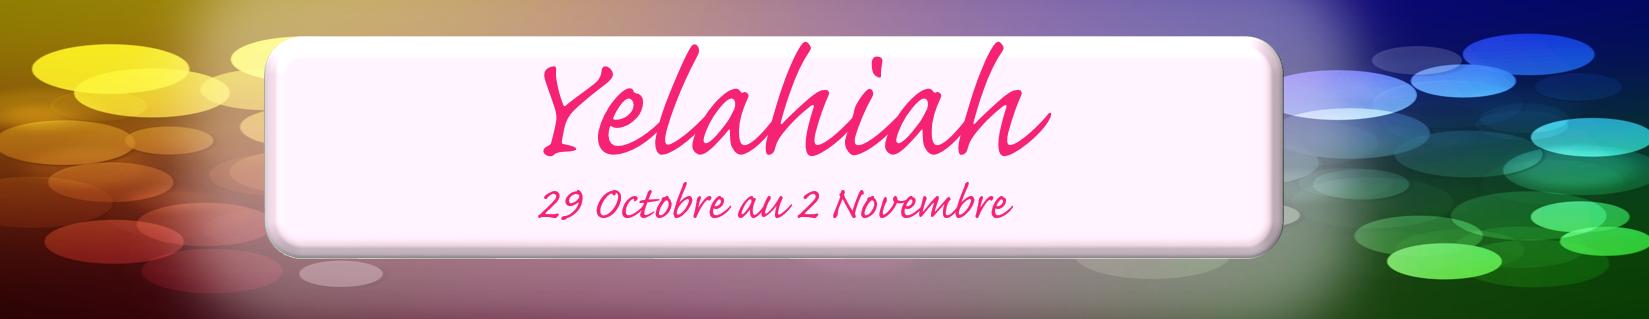 yelahiah-bandeau